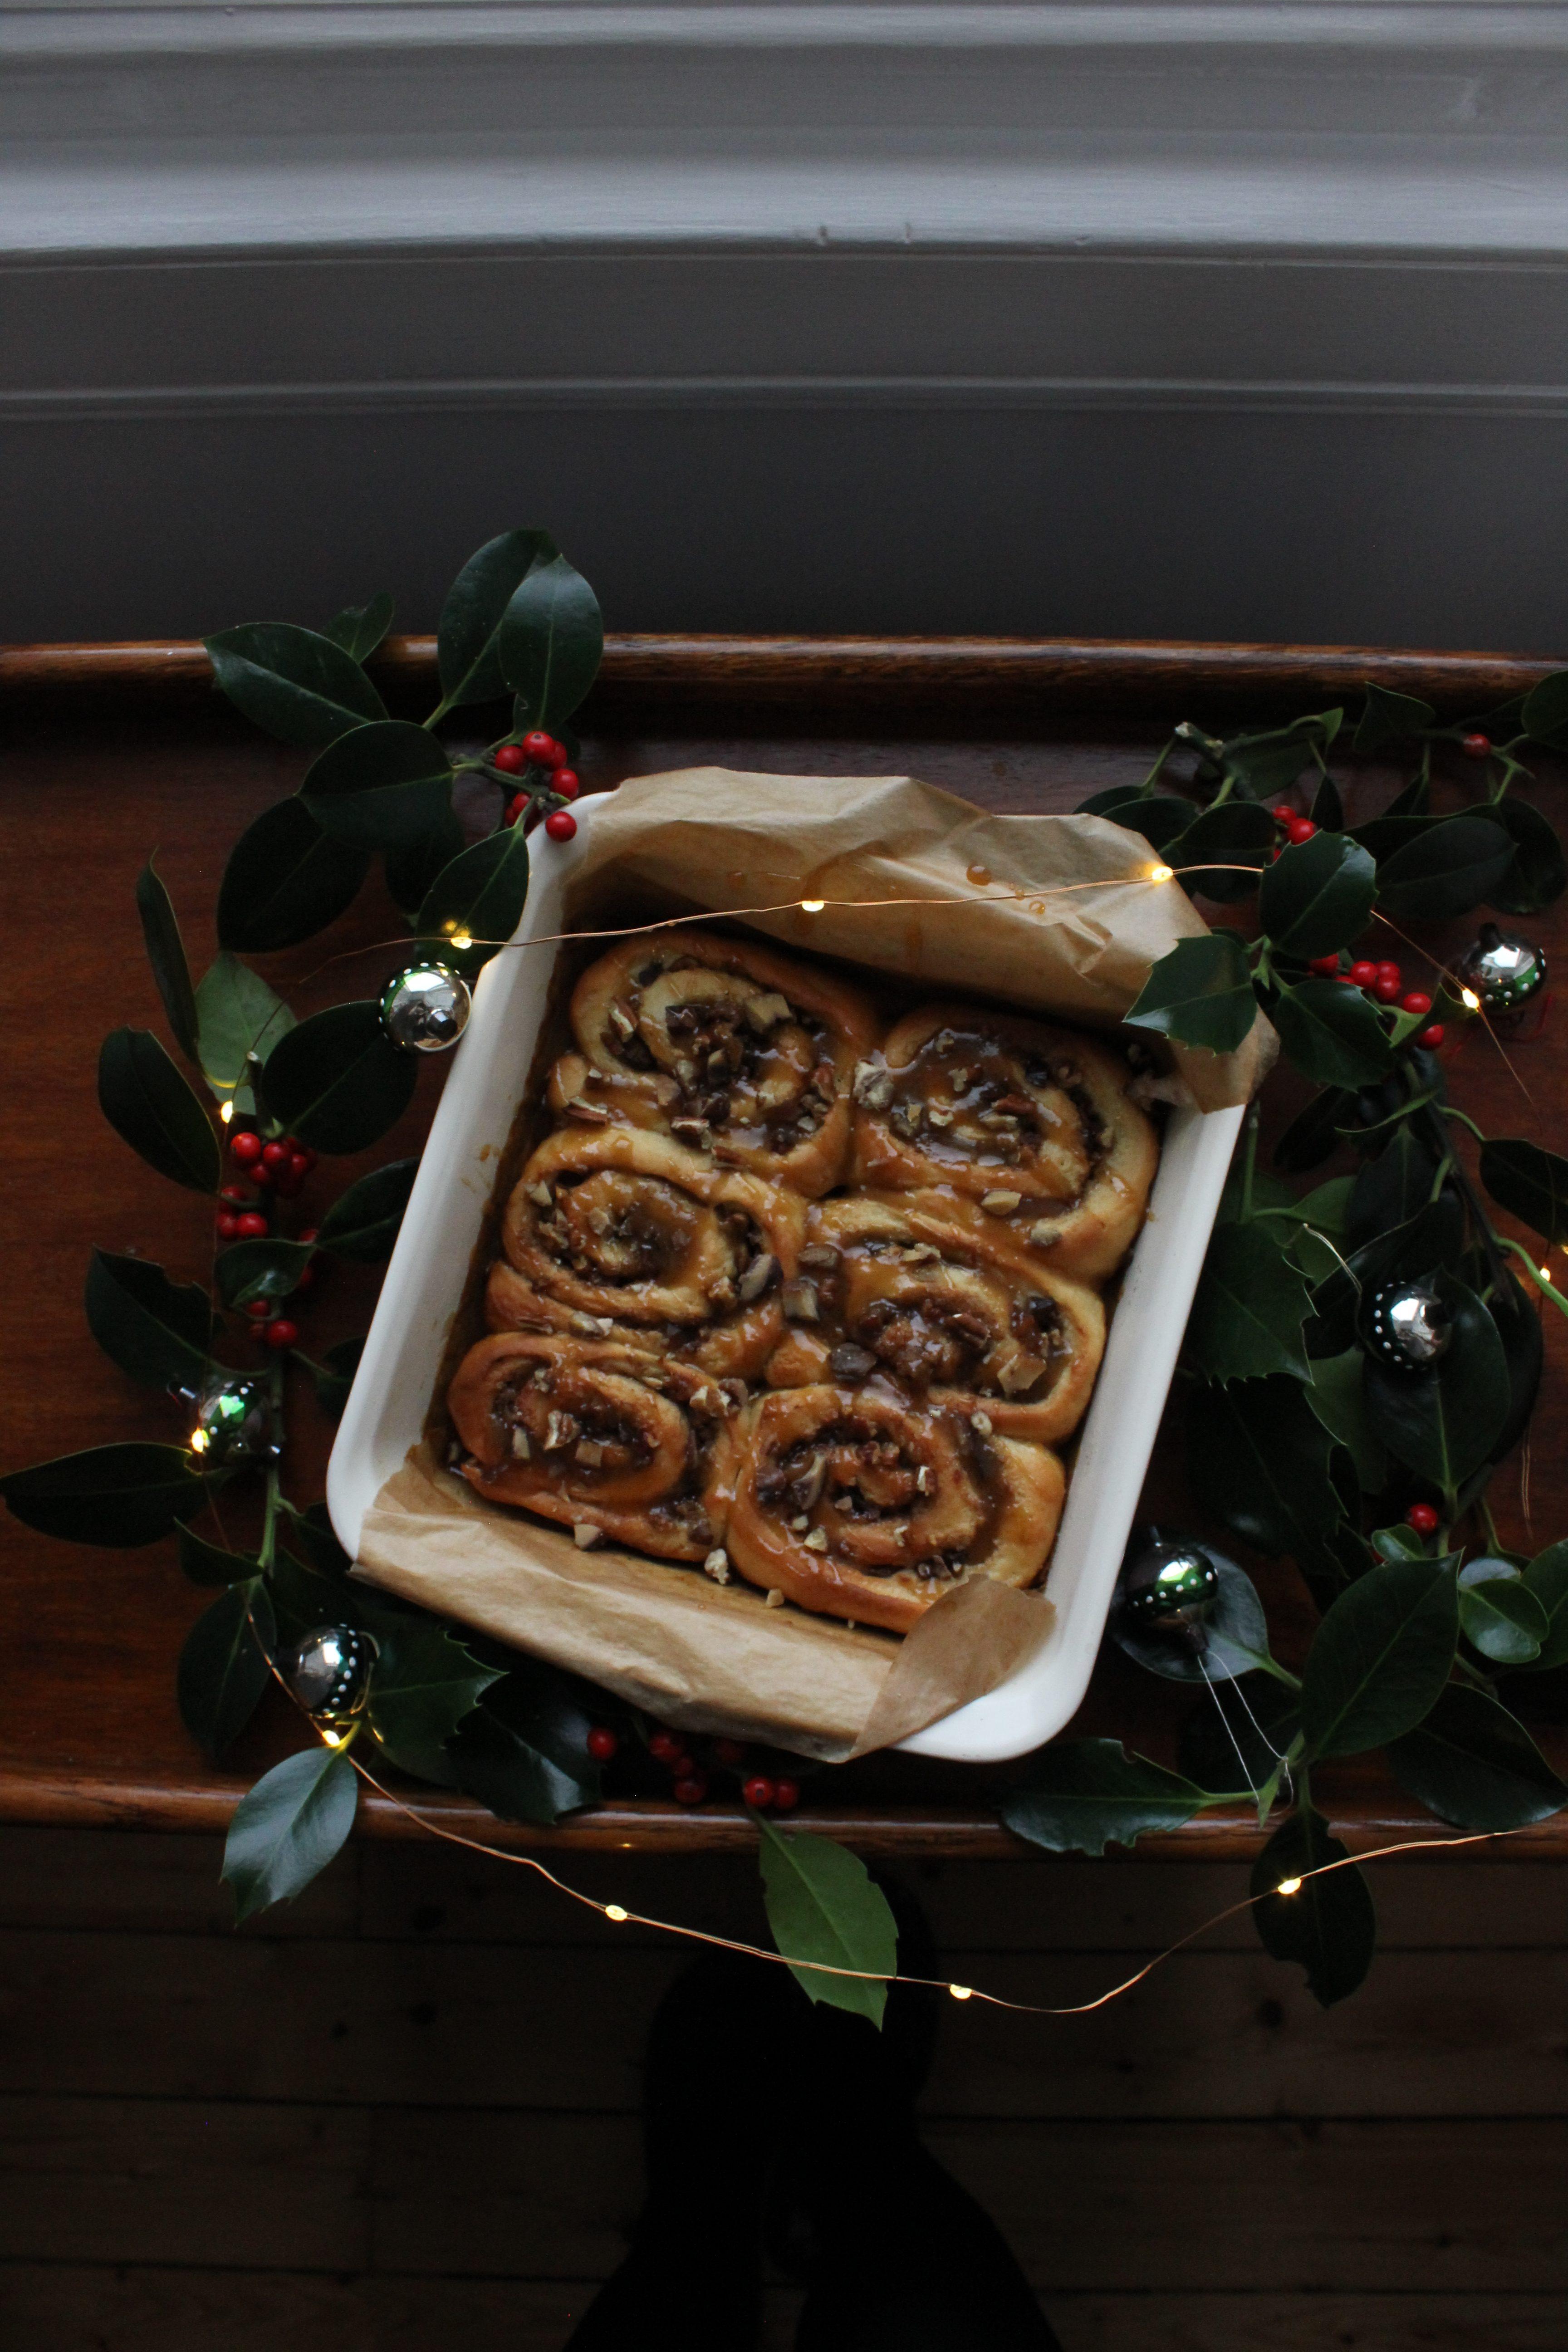 Sticky chestnut buns